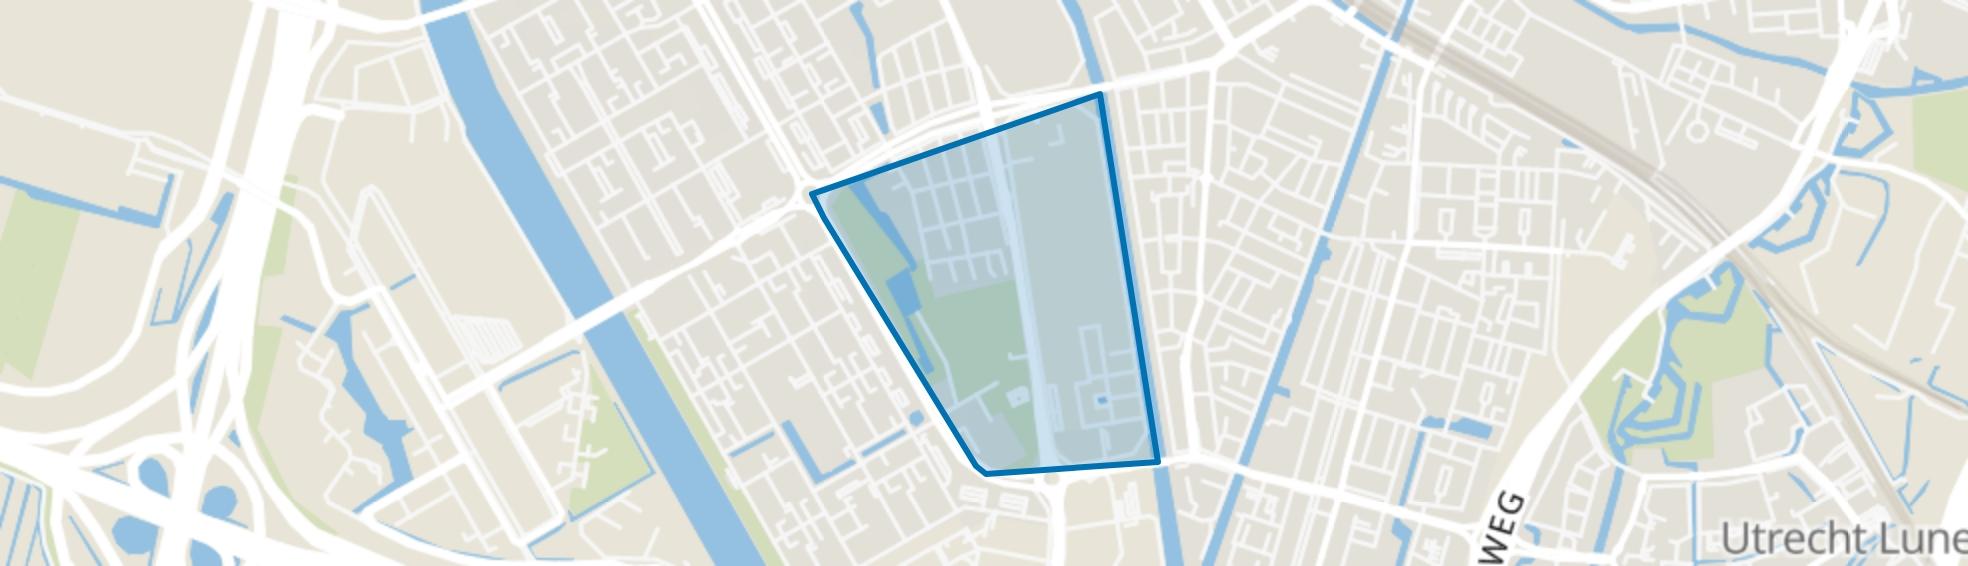 Transwijk-Zuid, Utrecht map